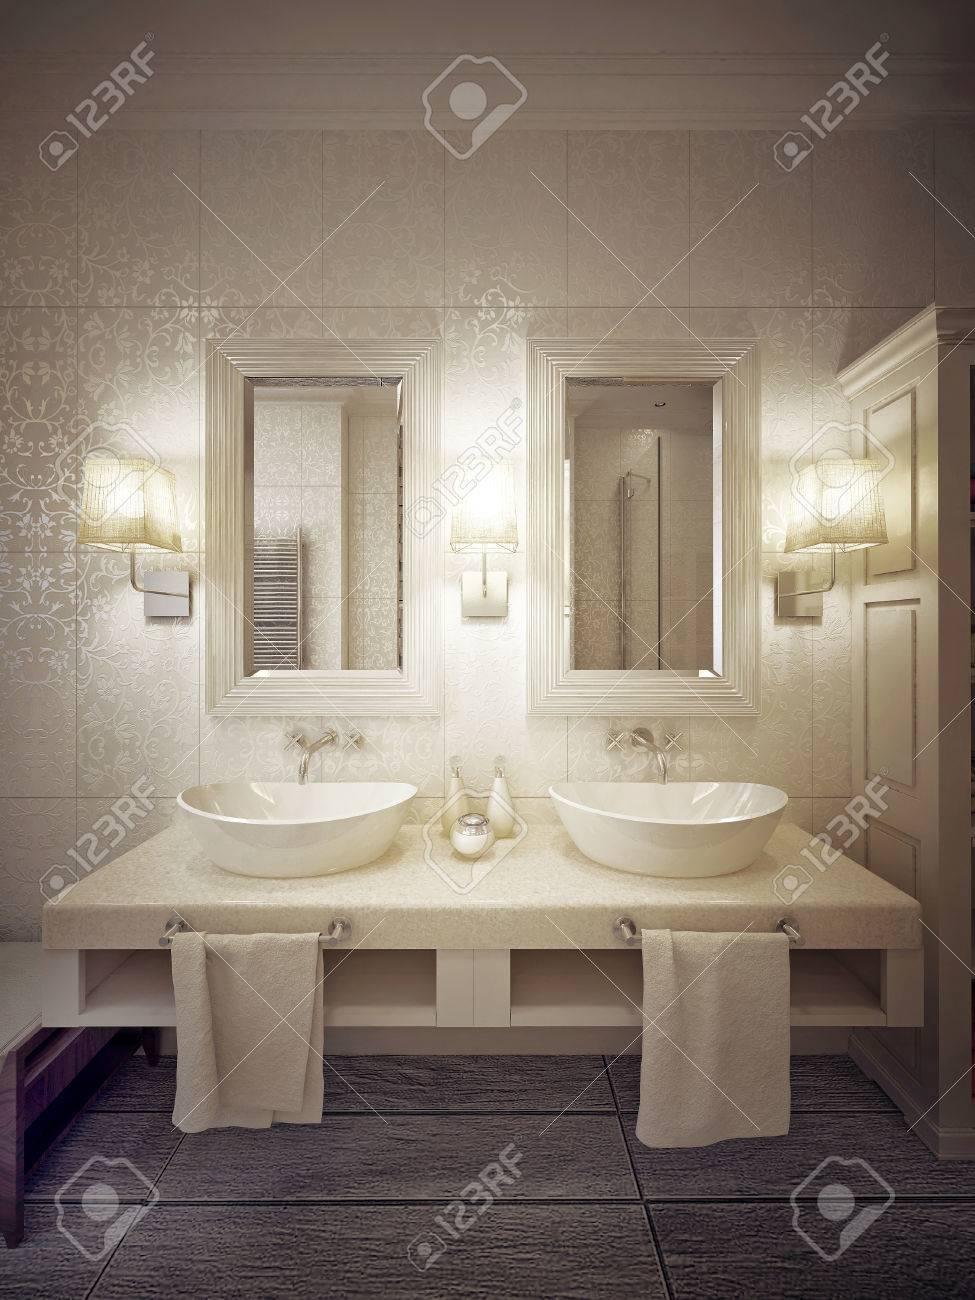 Un moderno cuarto de baño con dos lavabos de consola en blanco y beige. 3d.